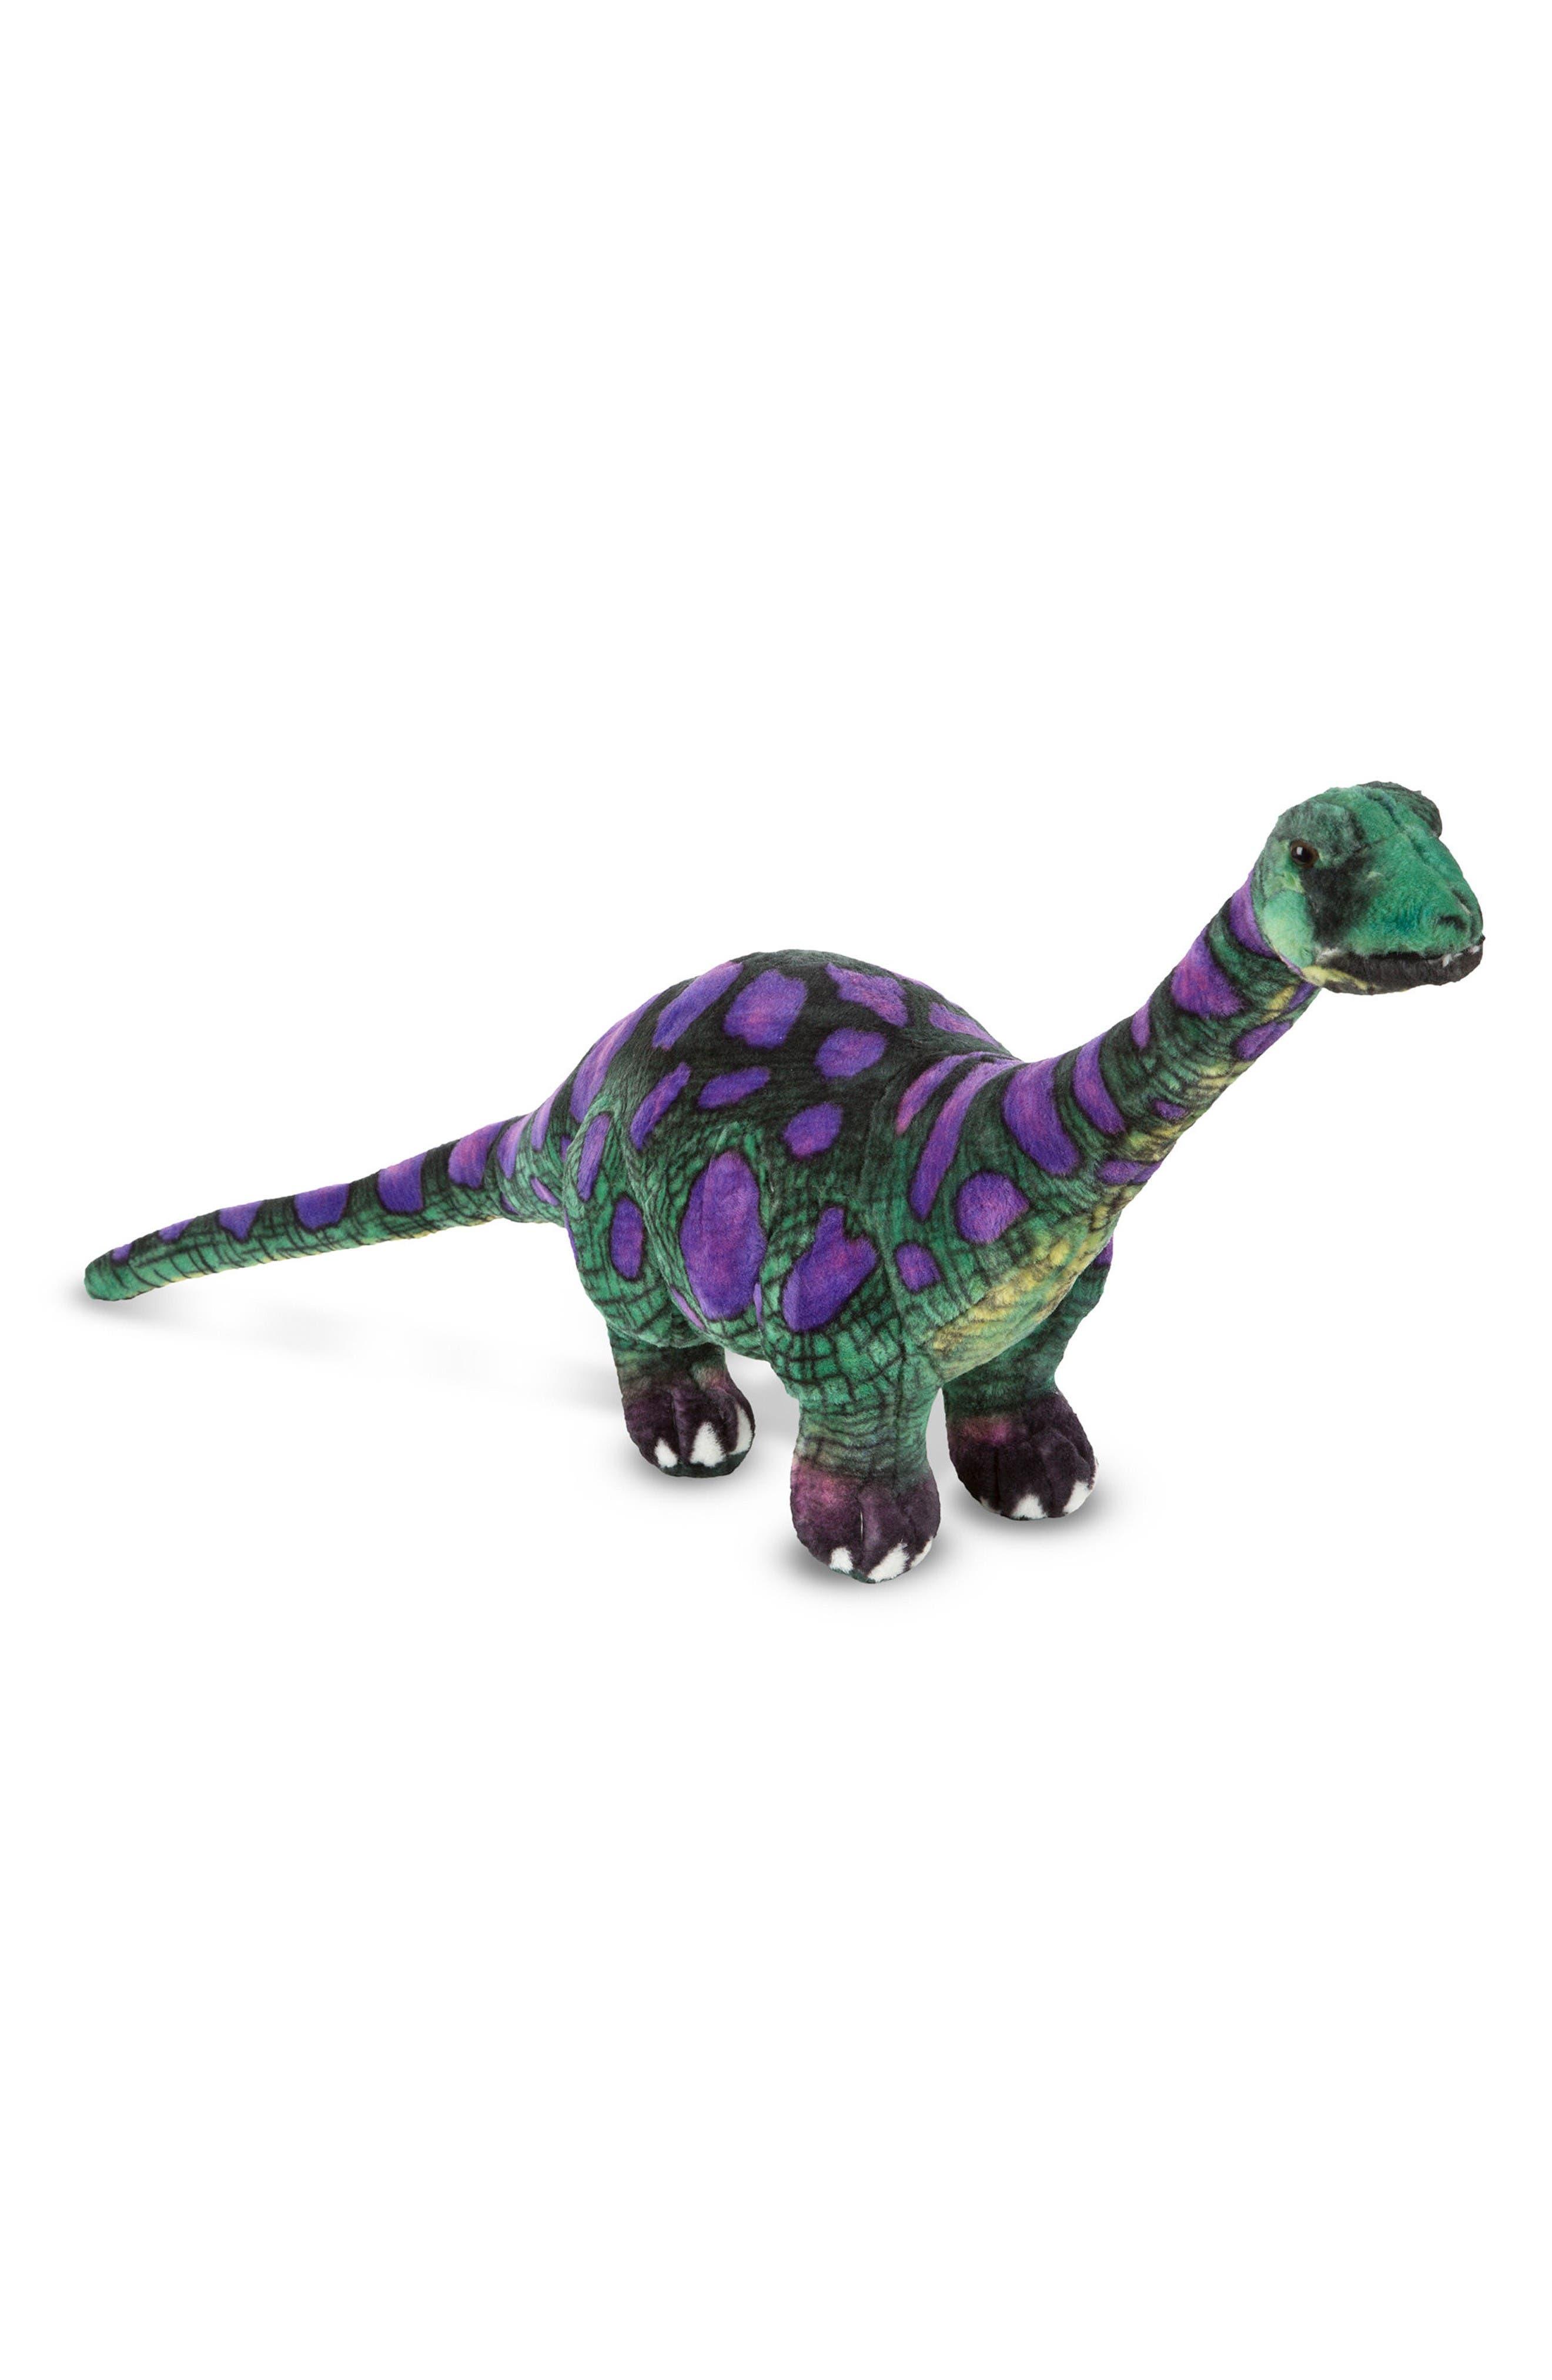 Alternate Image 1 Selected - Melissa & Doug Apatosaurus Stuffed Animal